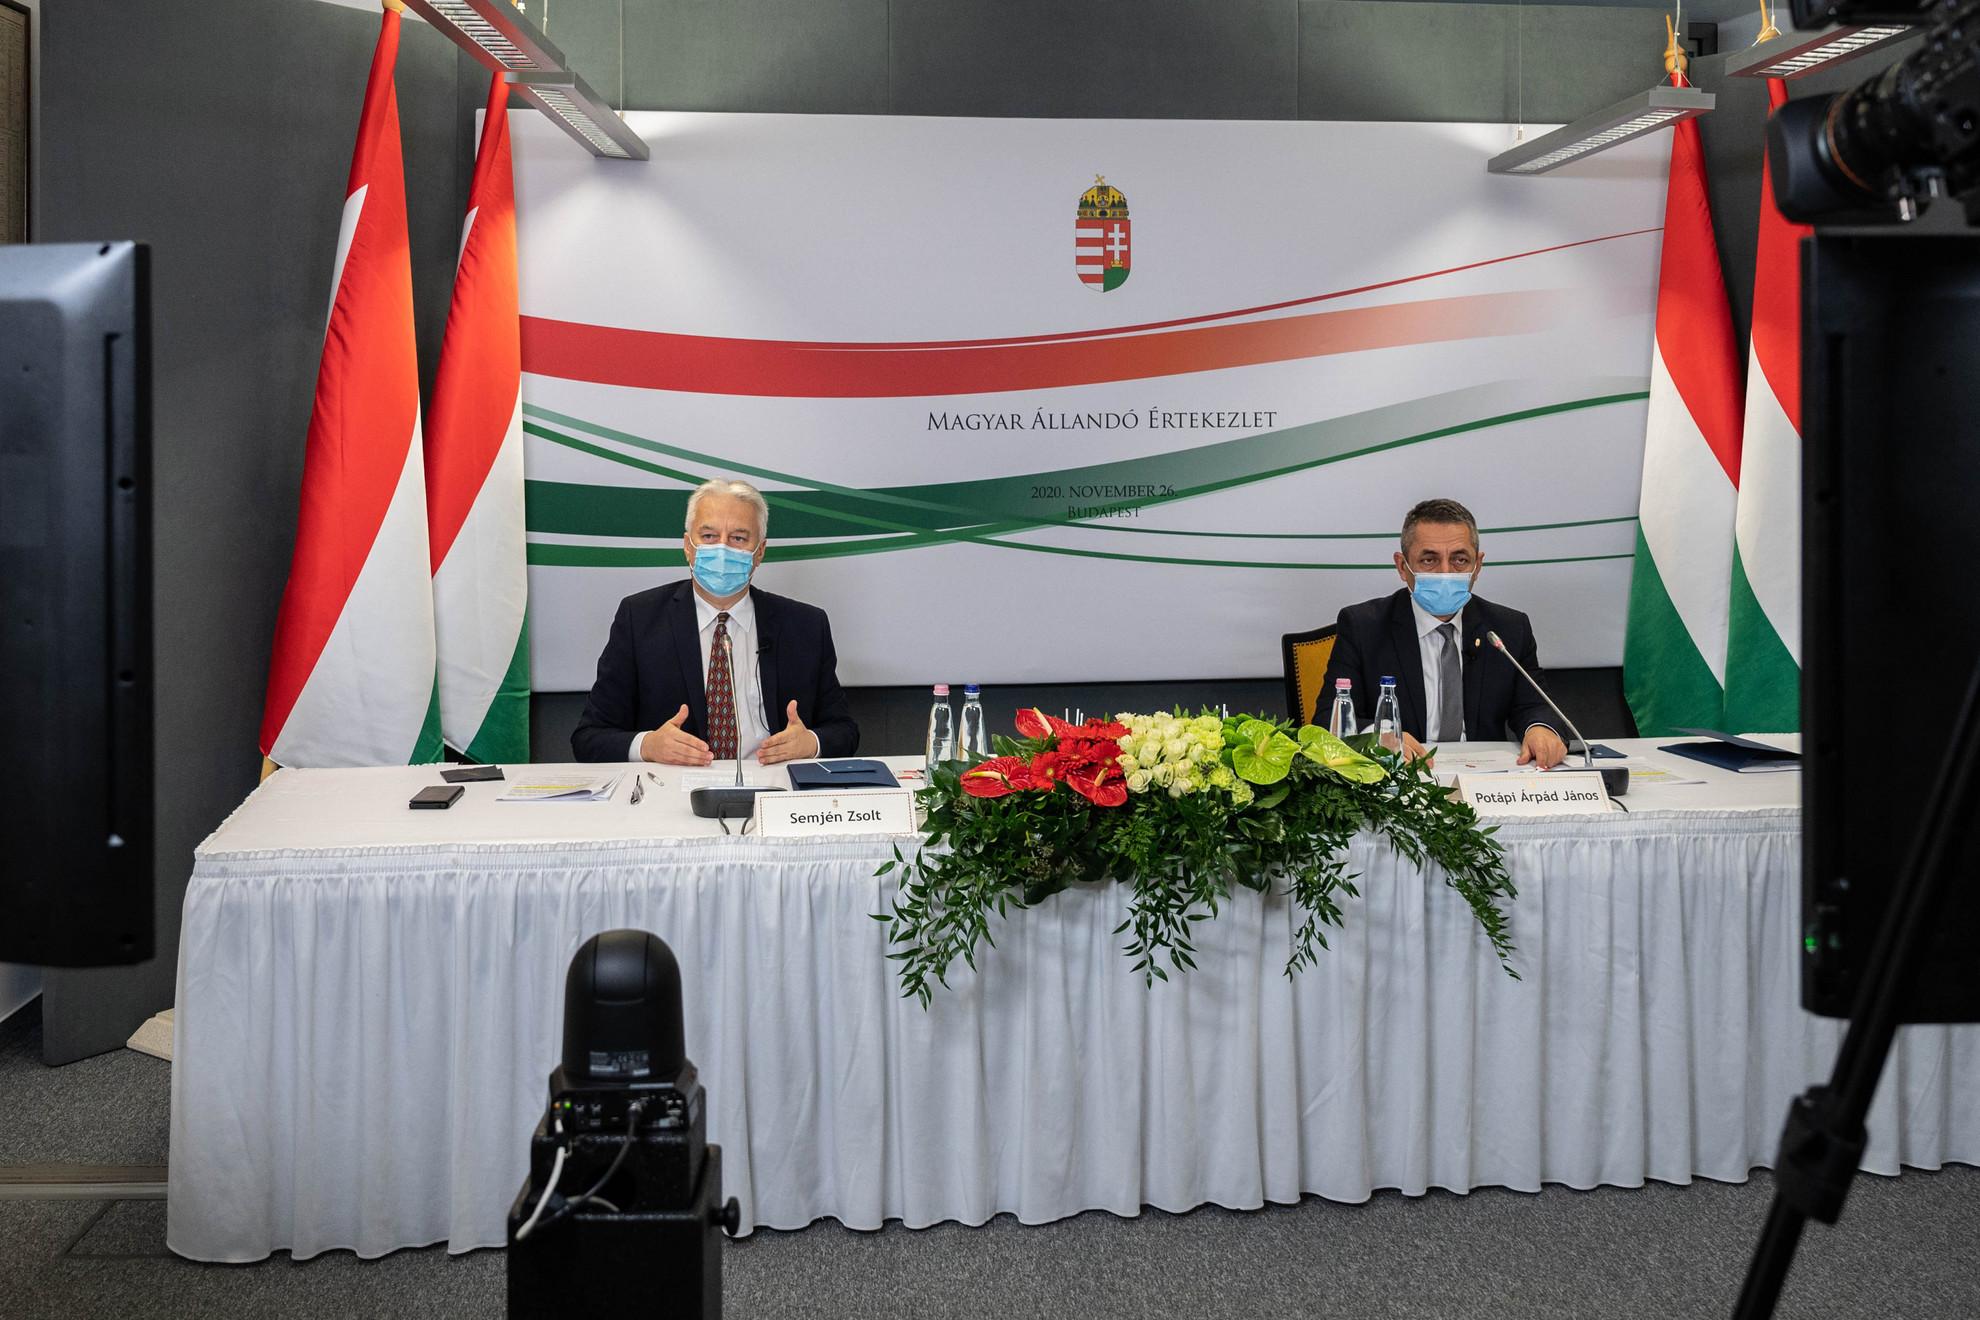 Semjén Zsolt nemzetpolitikáért felelős miniszterelnök-helyettes (b) és Potápi Árpád János, a Miniszterelnökség nemzetpolitikáért felelős államtitkára a Magyar Állandó Értekezlet (Máért) ülésén Budapesten